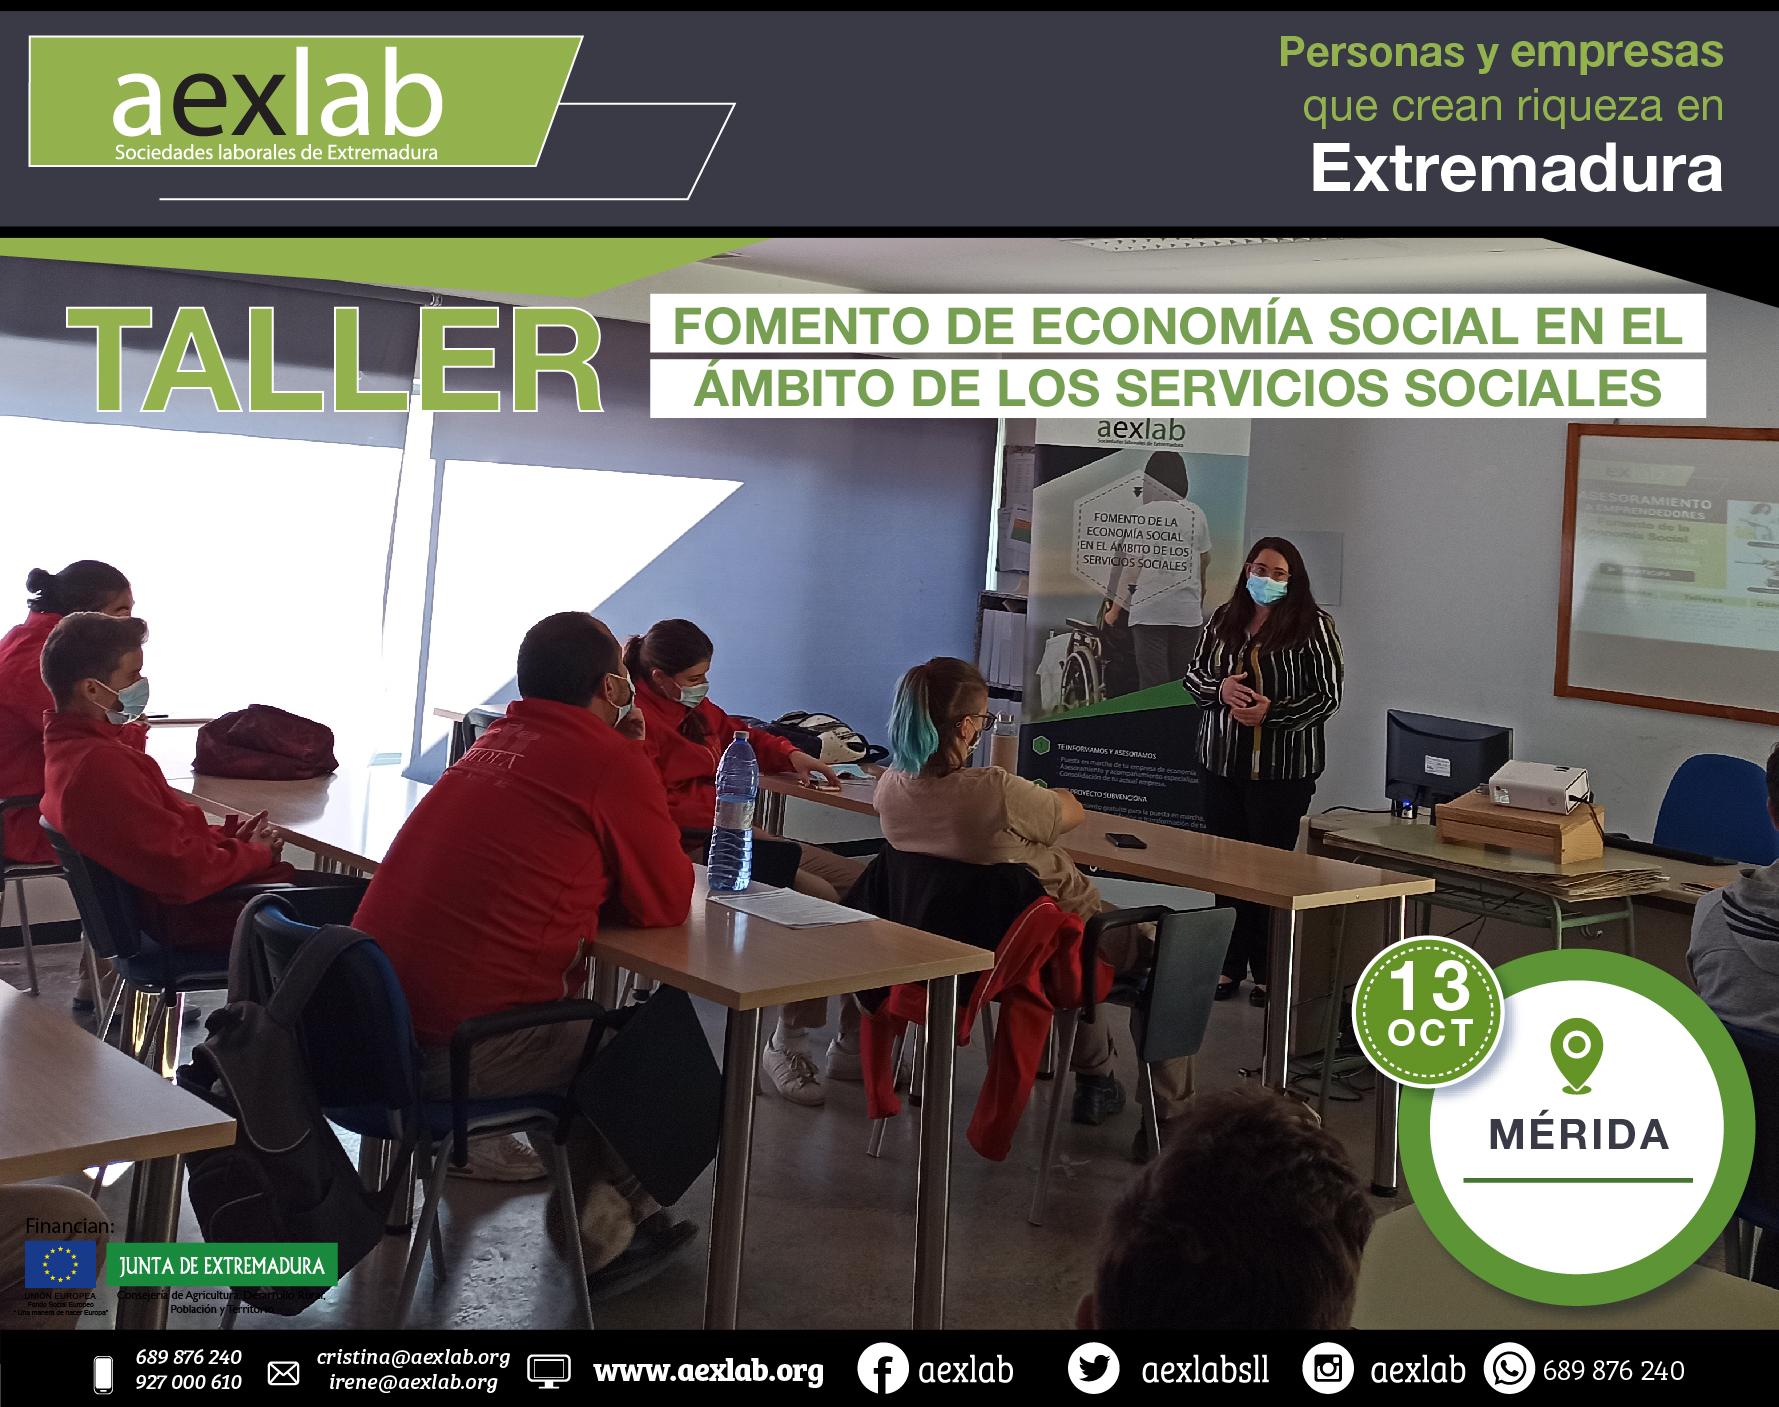 alumnos taller ambito social merida 13 oct aexlab-01